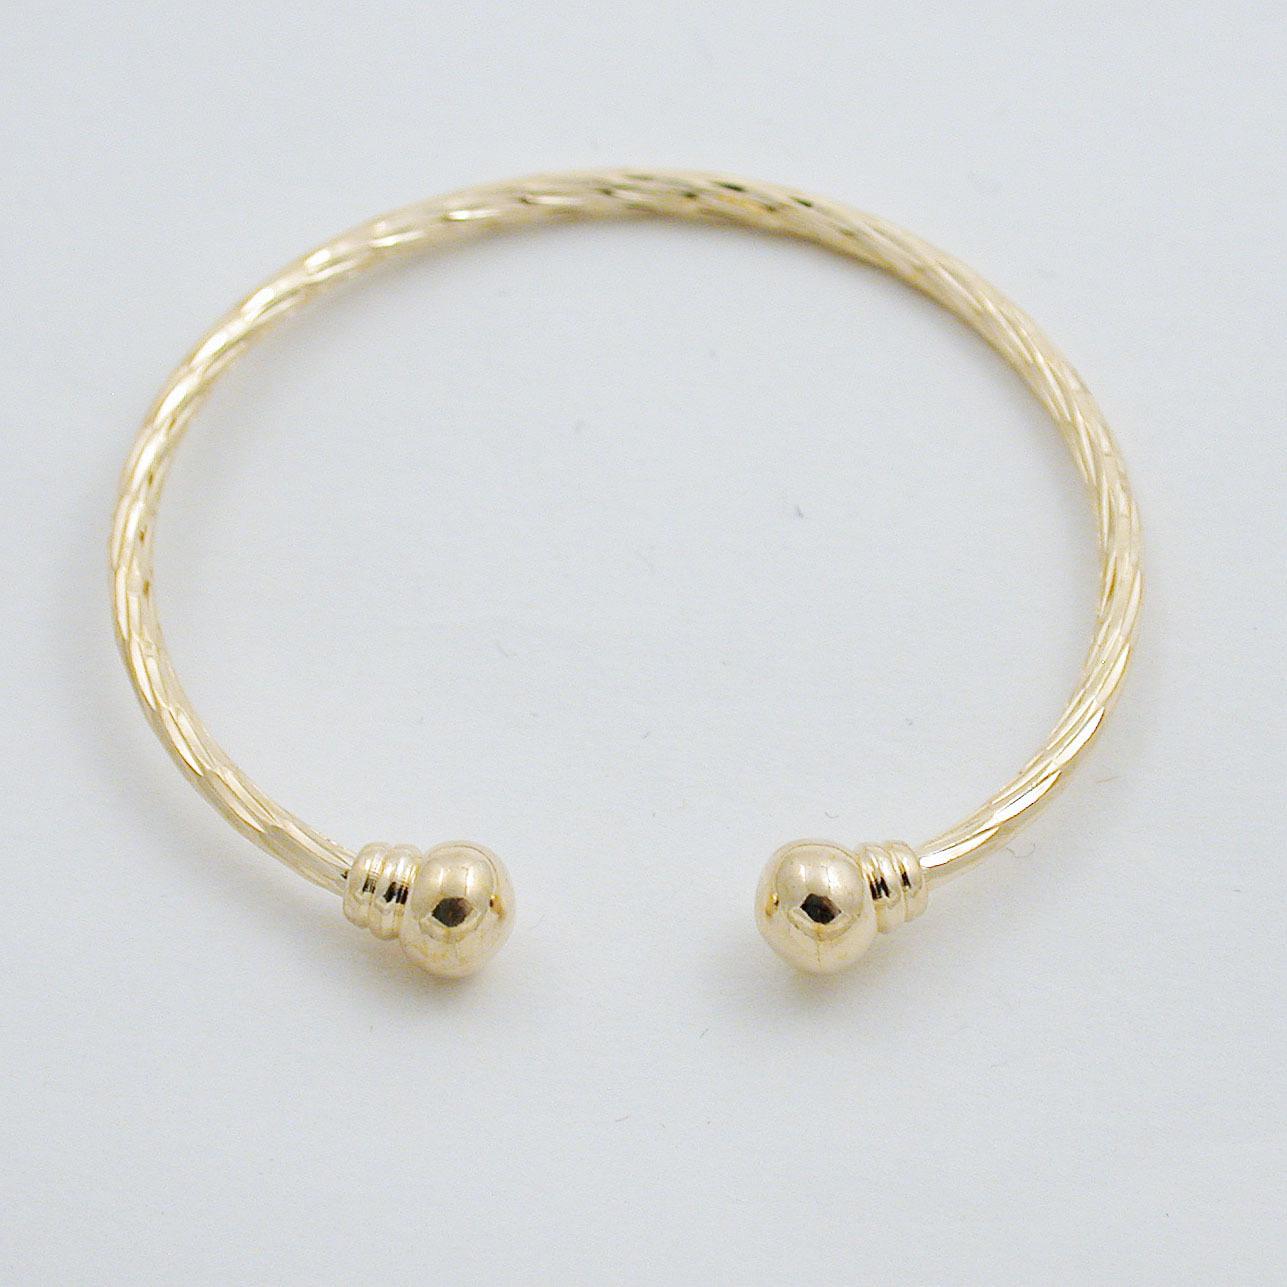 18k gold infant earrings